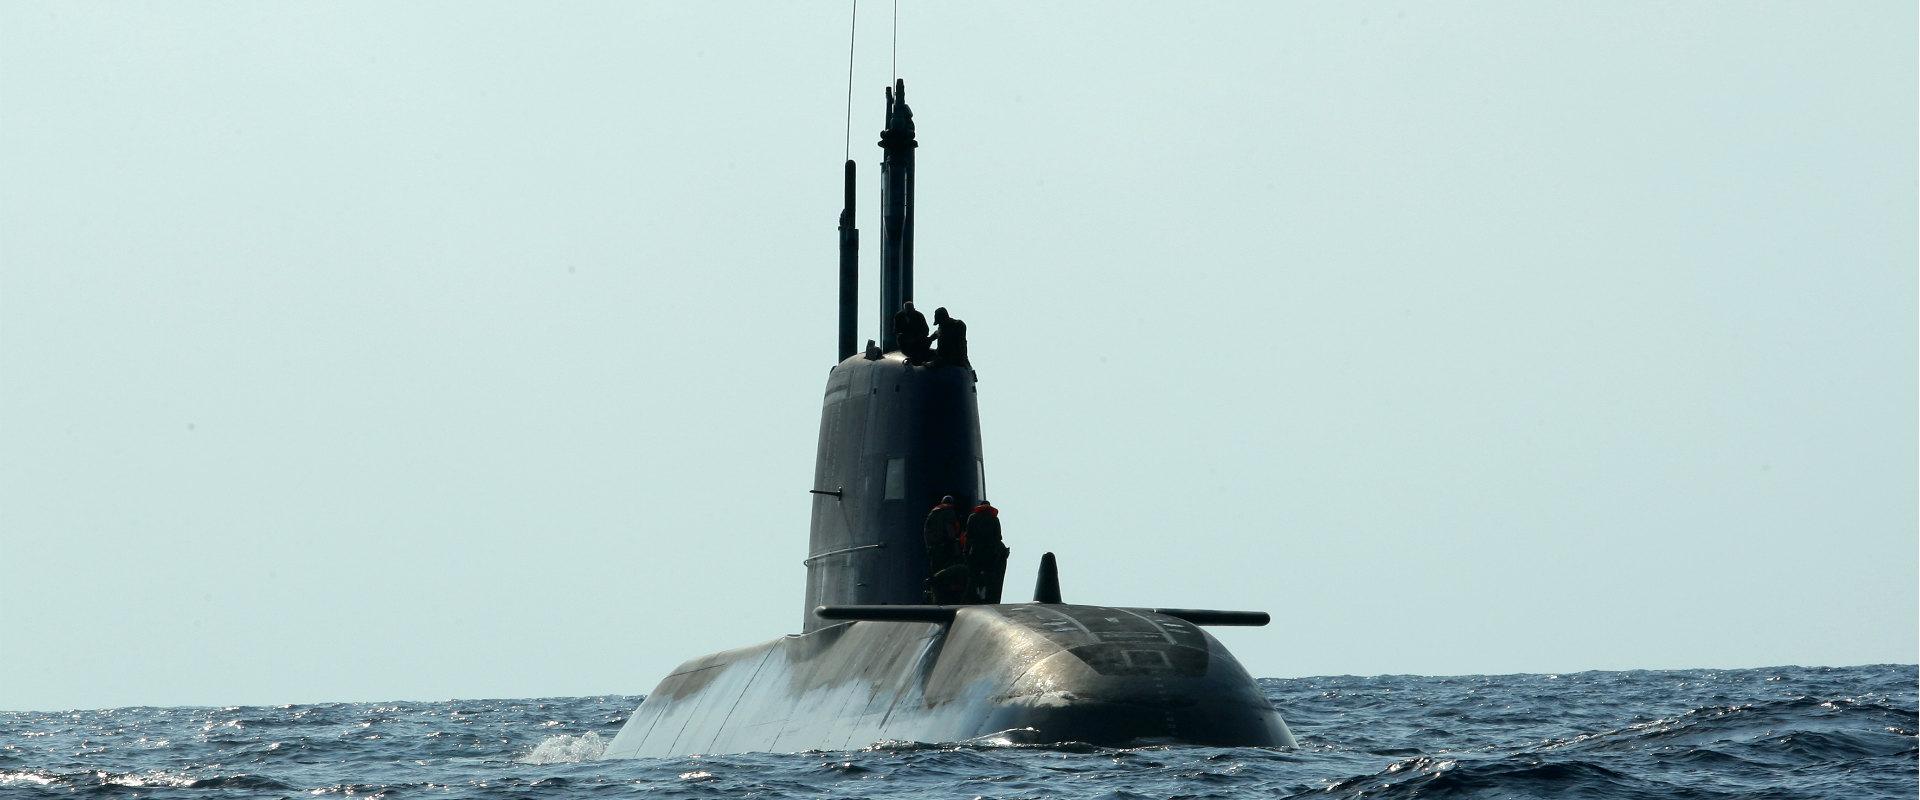 צוללת חיל הים, ארכיון